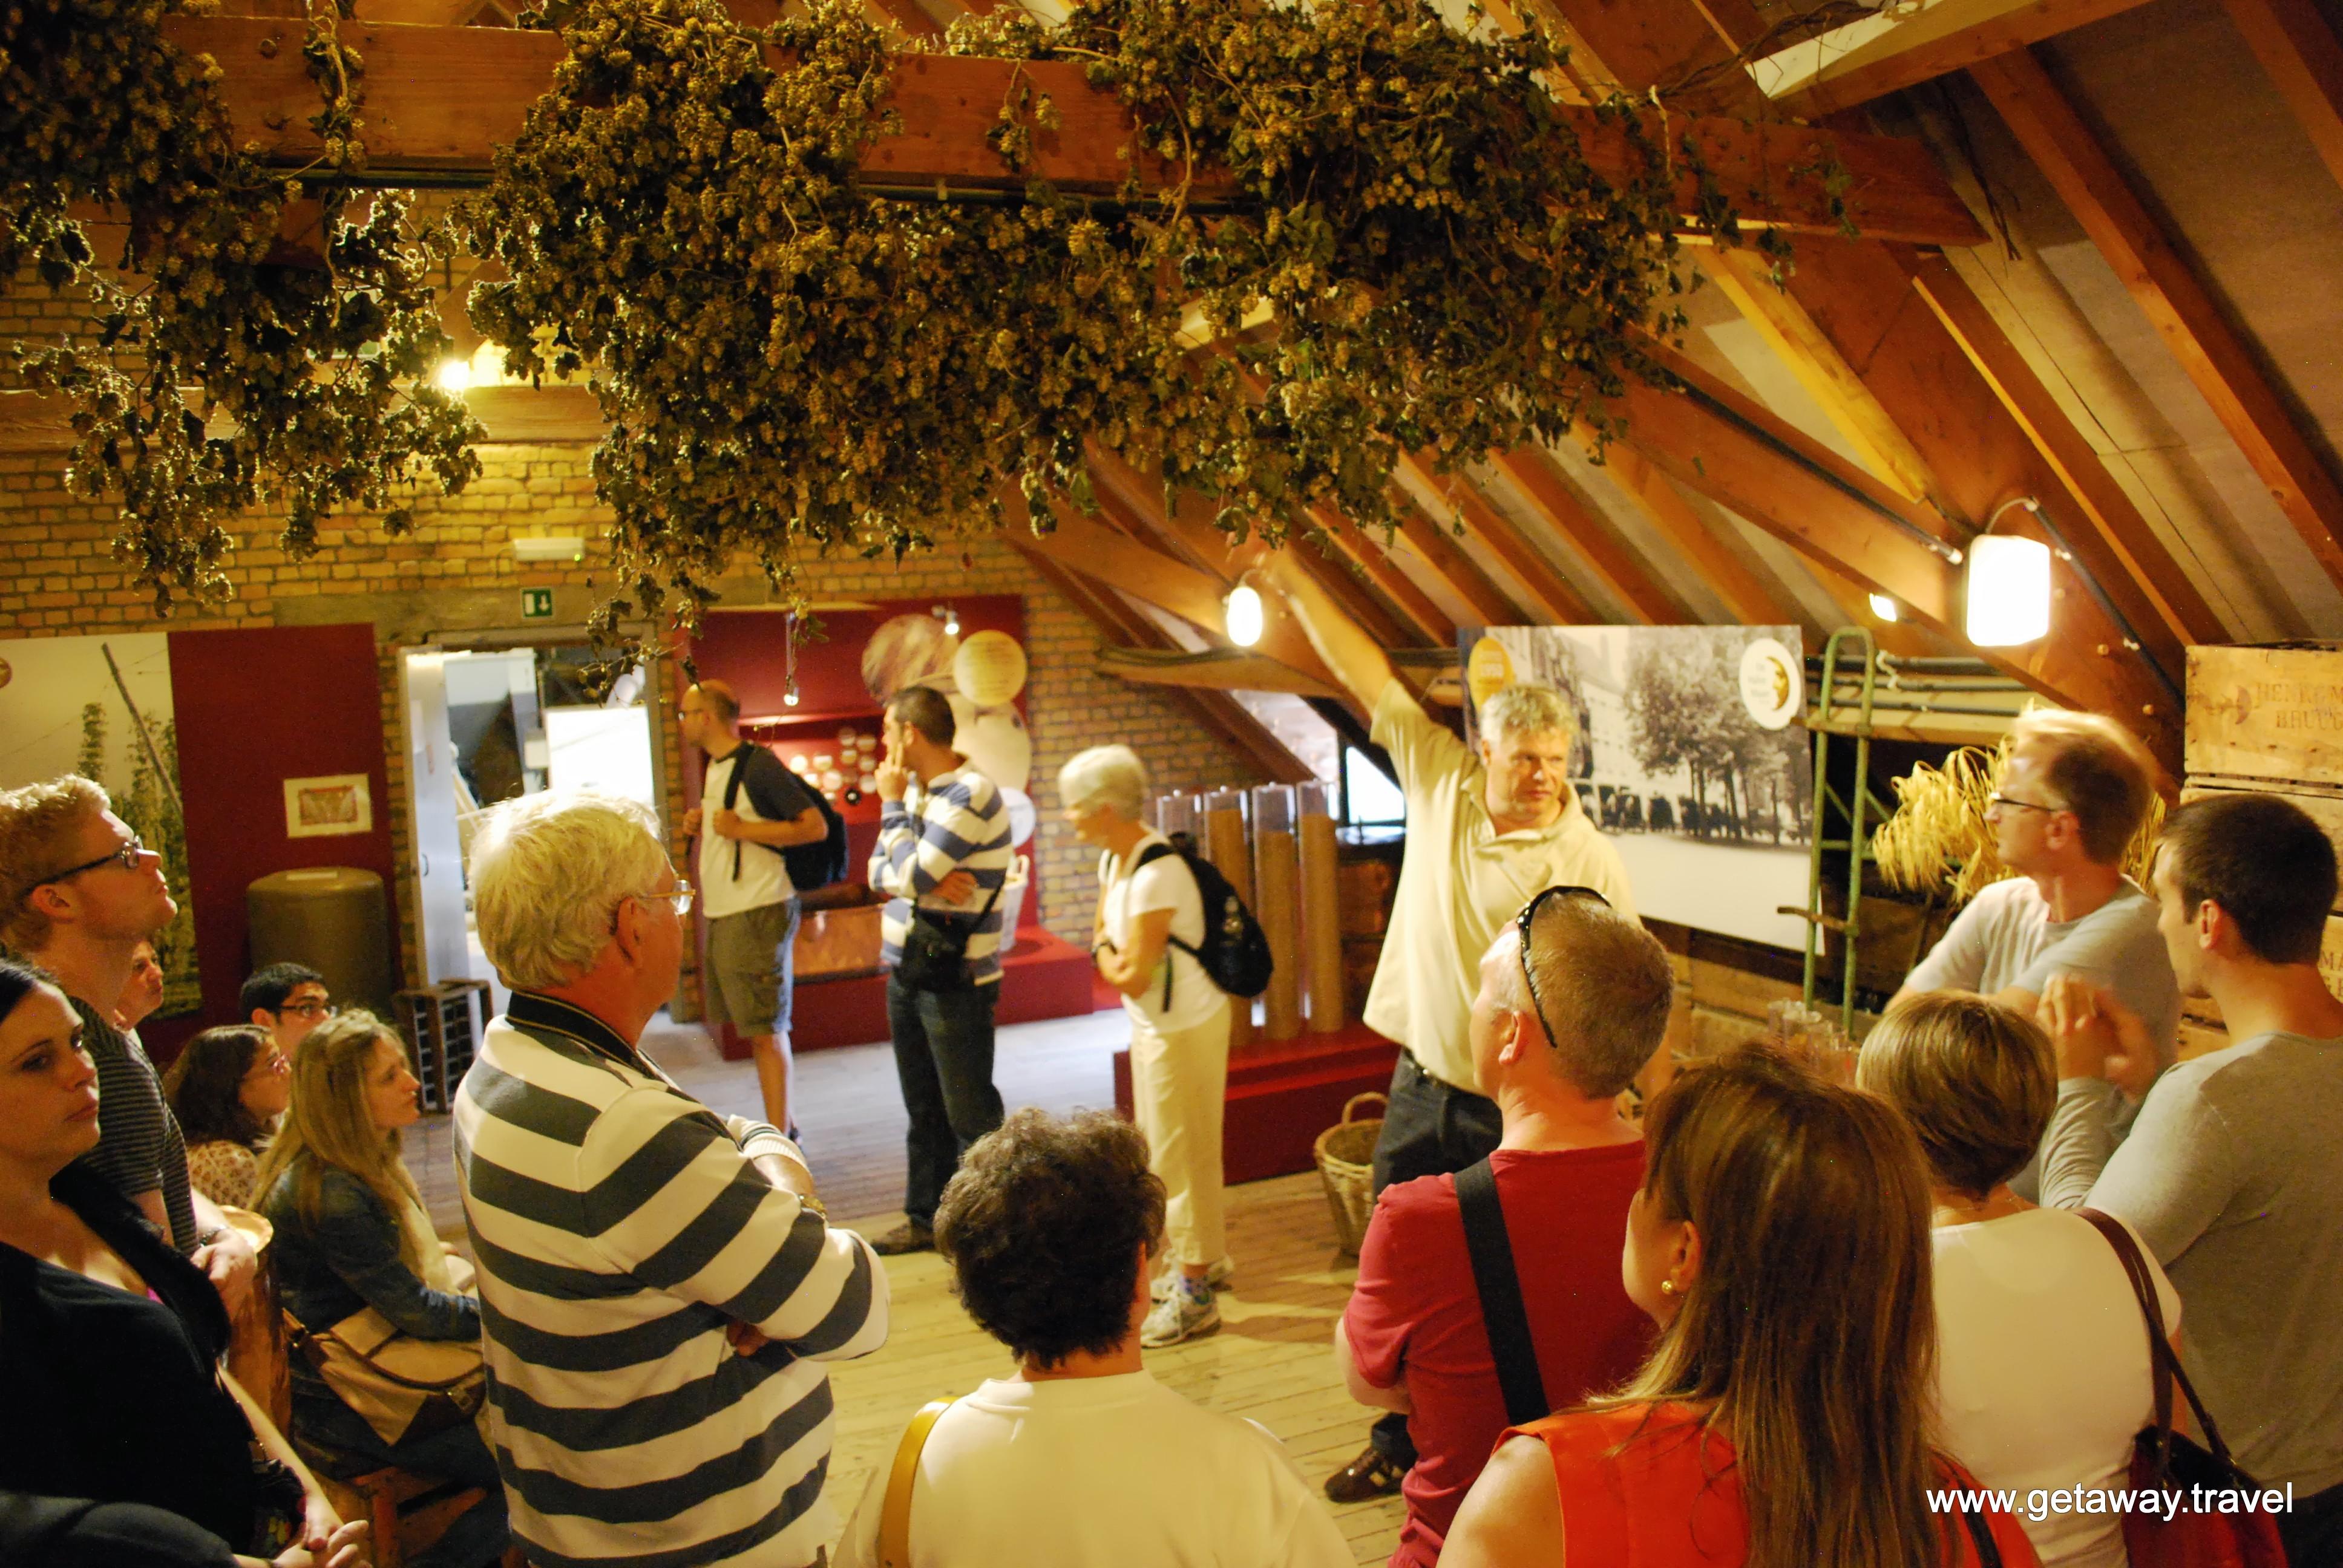 Belgian Brewery Tour In Bruges De Halve Maan The Half